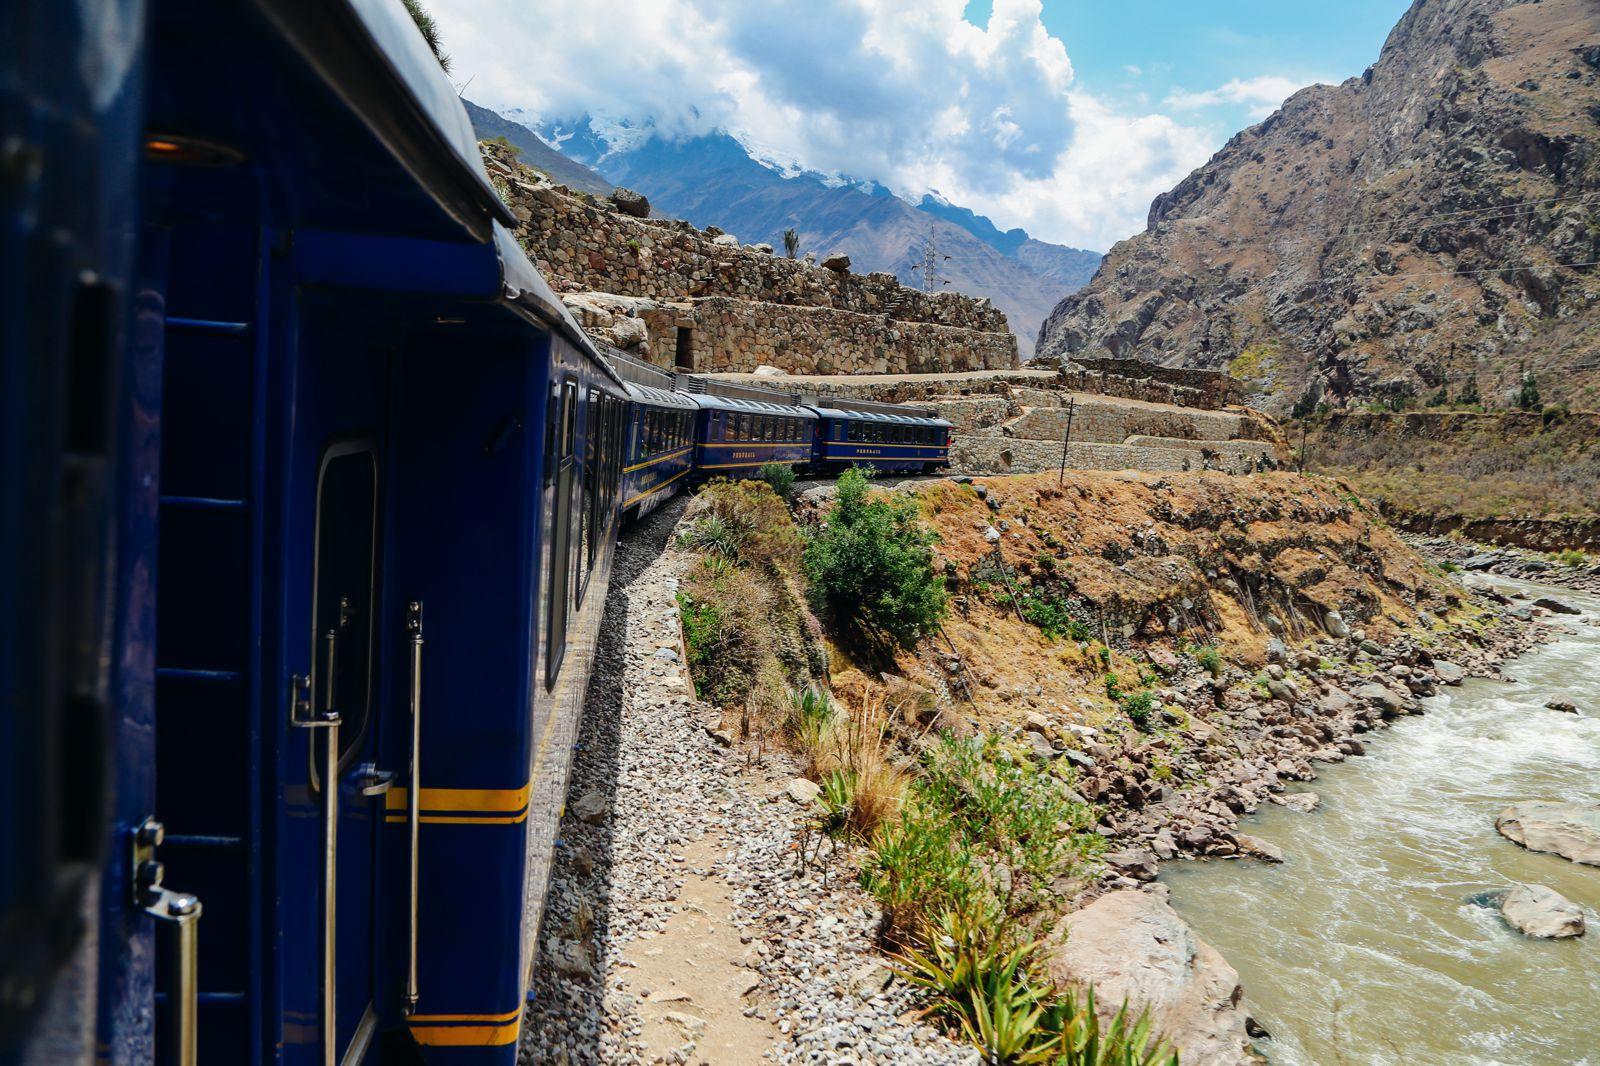 Postcards from Peru - Cusco and Machu Picchu (6)